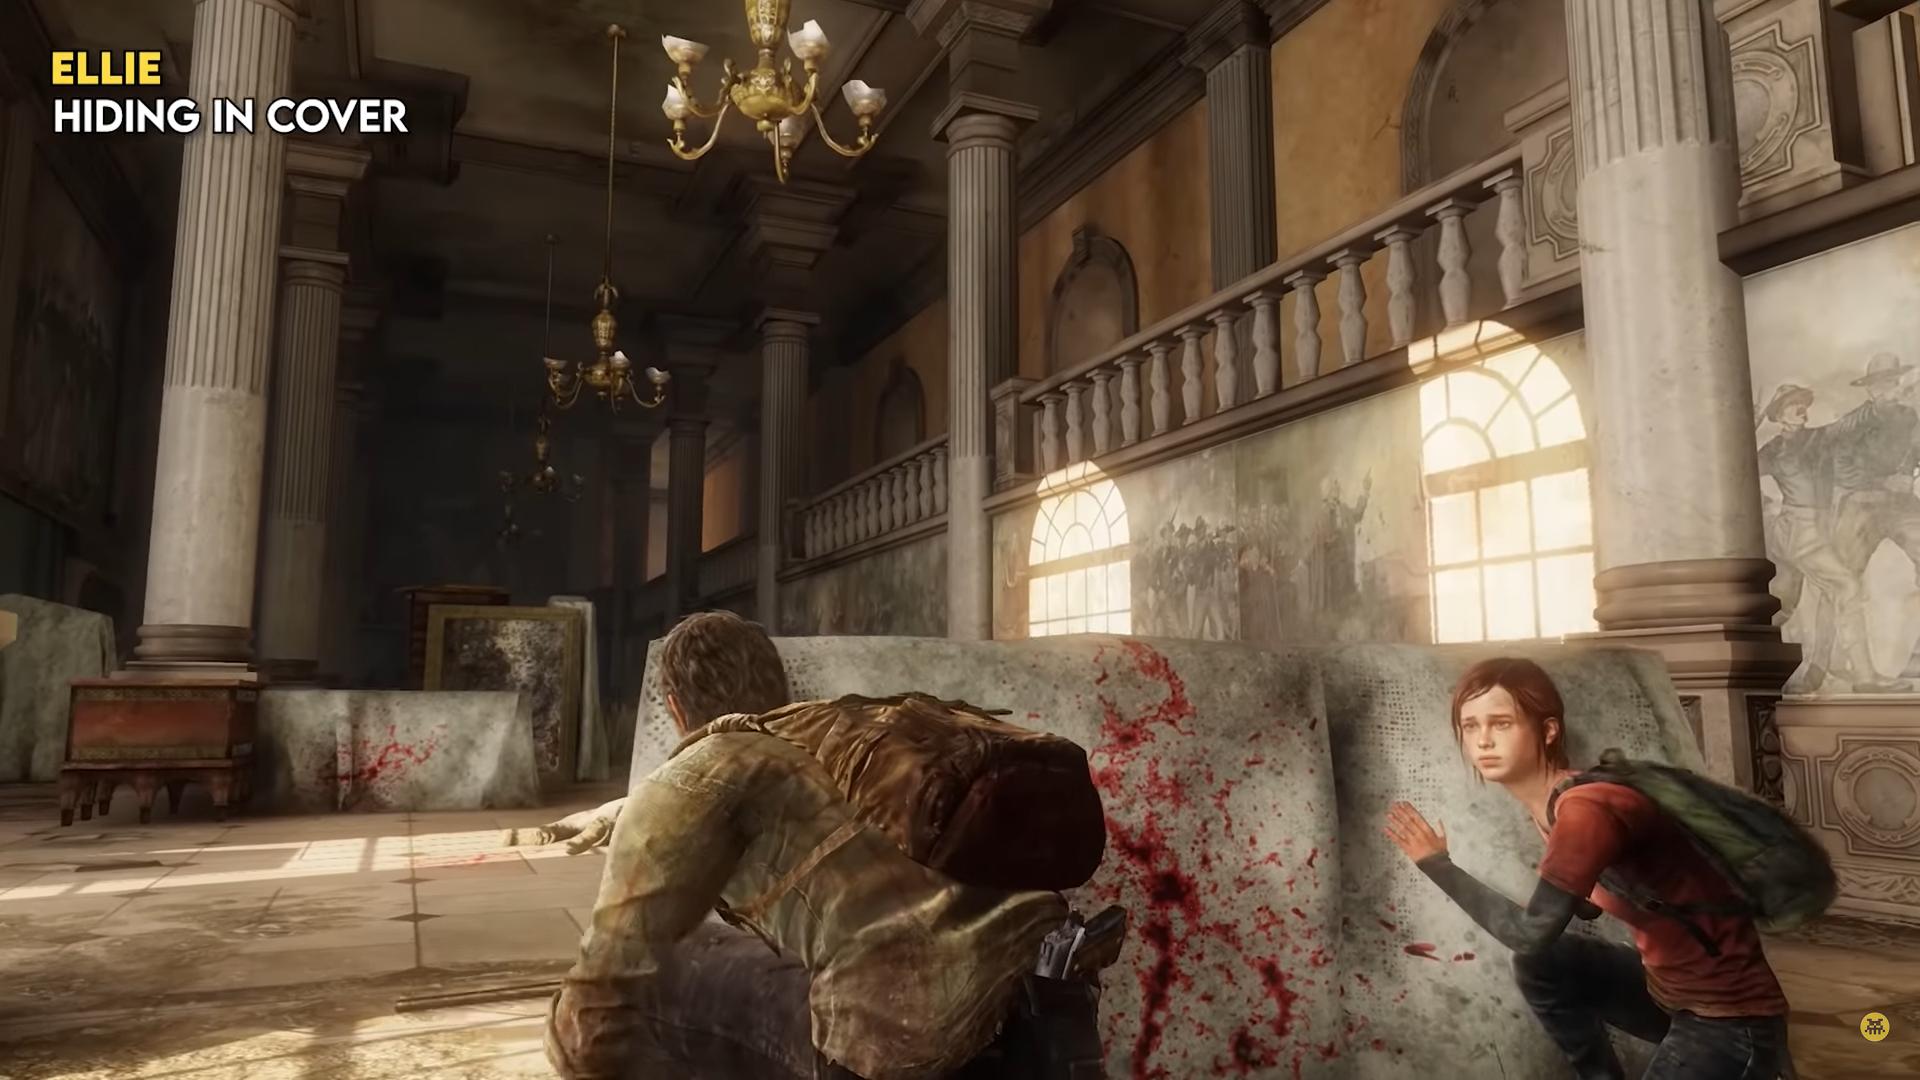 Охотники, щелкуны и Элли: как устроен игровой искусственный интеллект в The Last of Us - 16